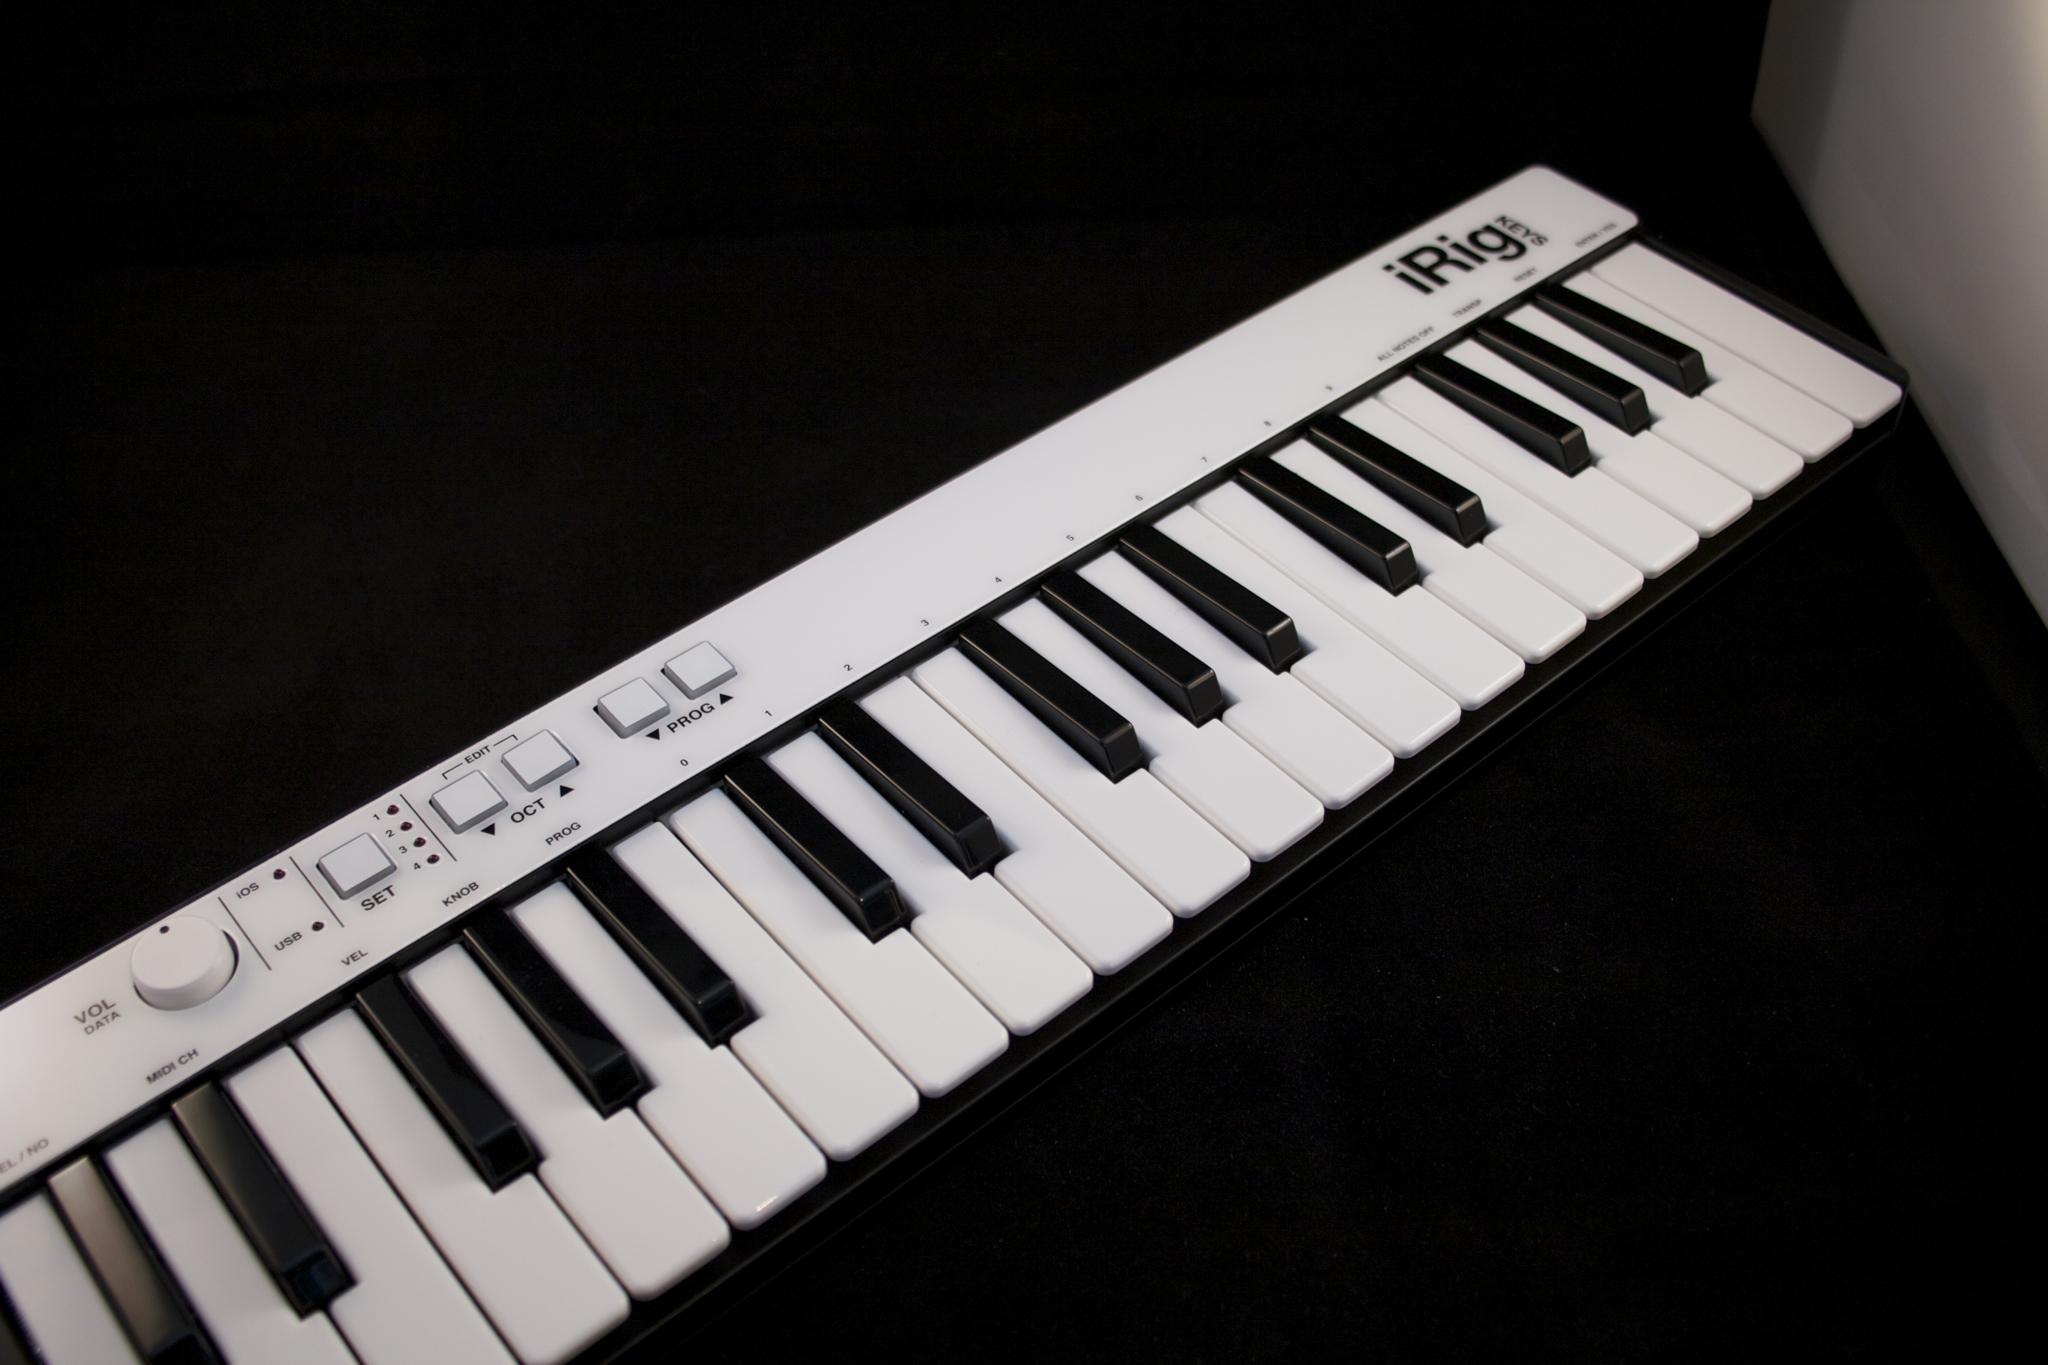 IMG 8062 - iRig KEYS, un synthétiseur pour iPad